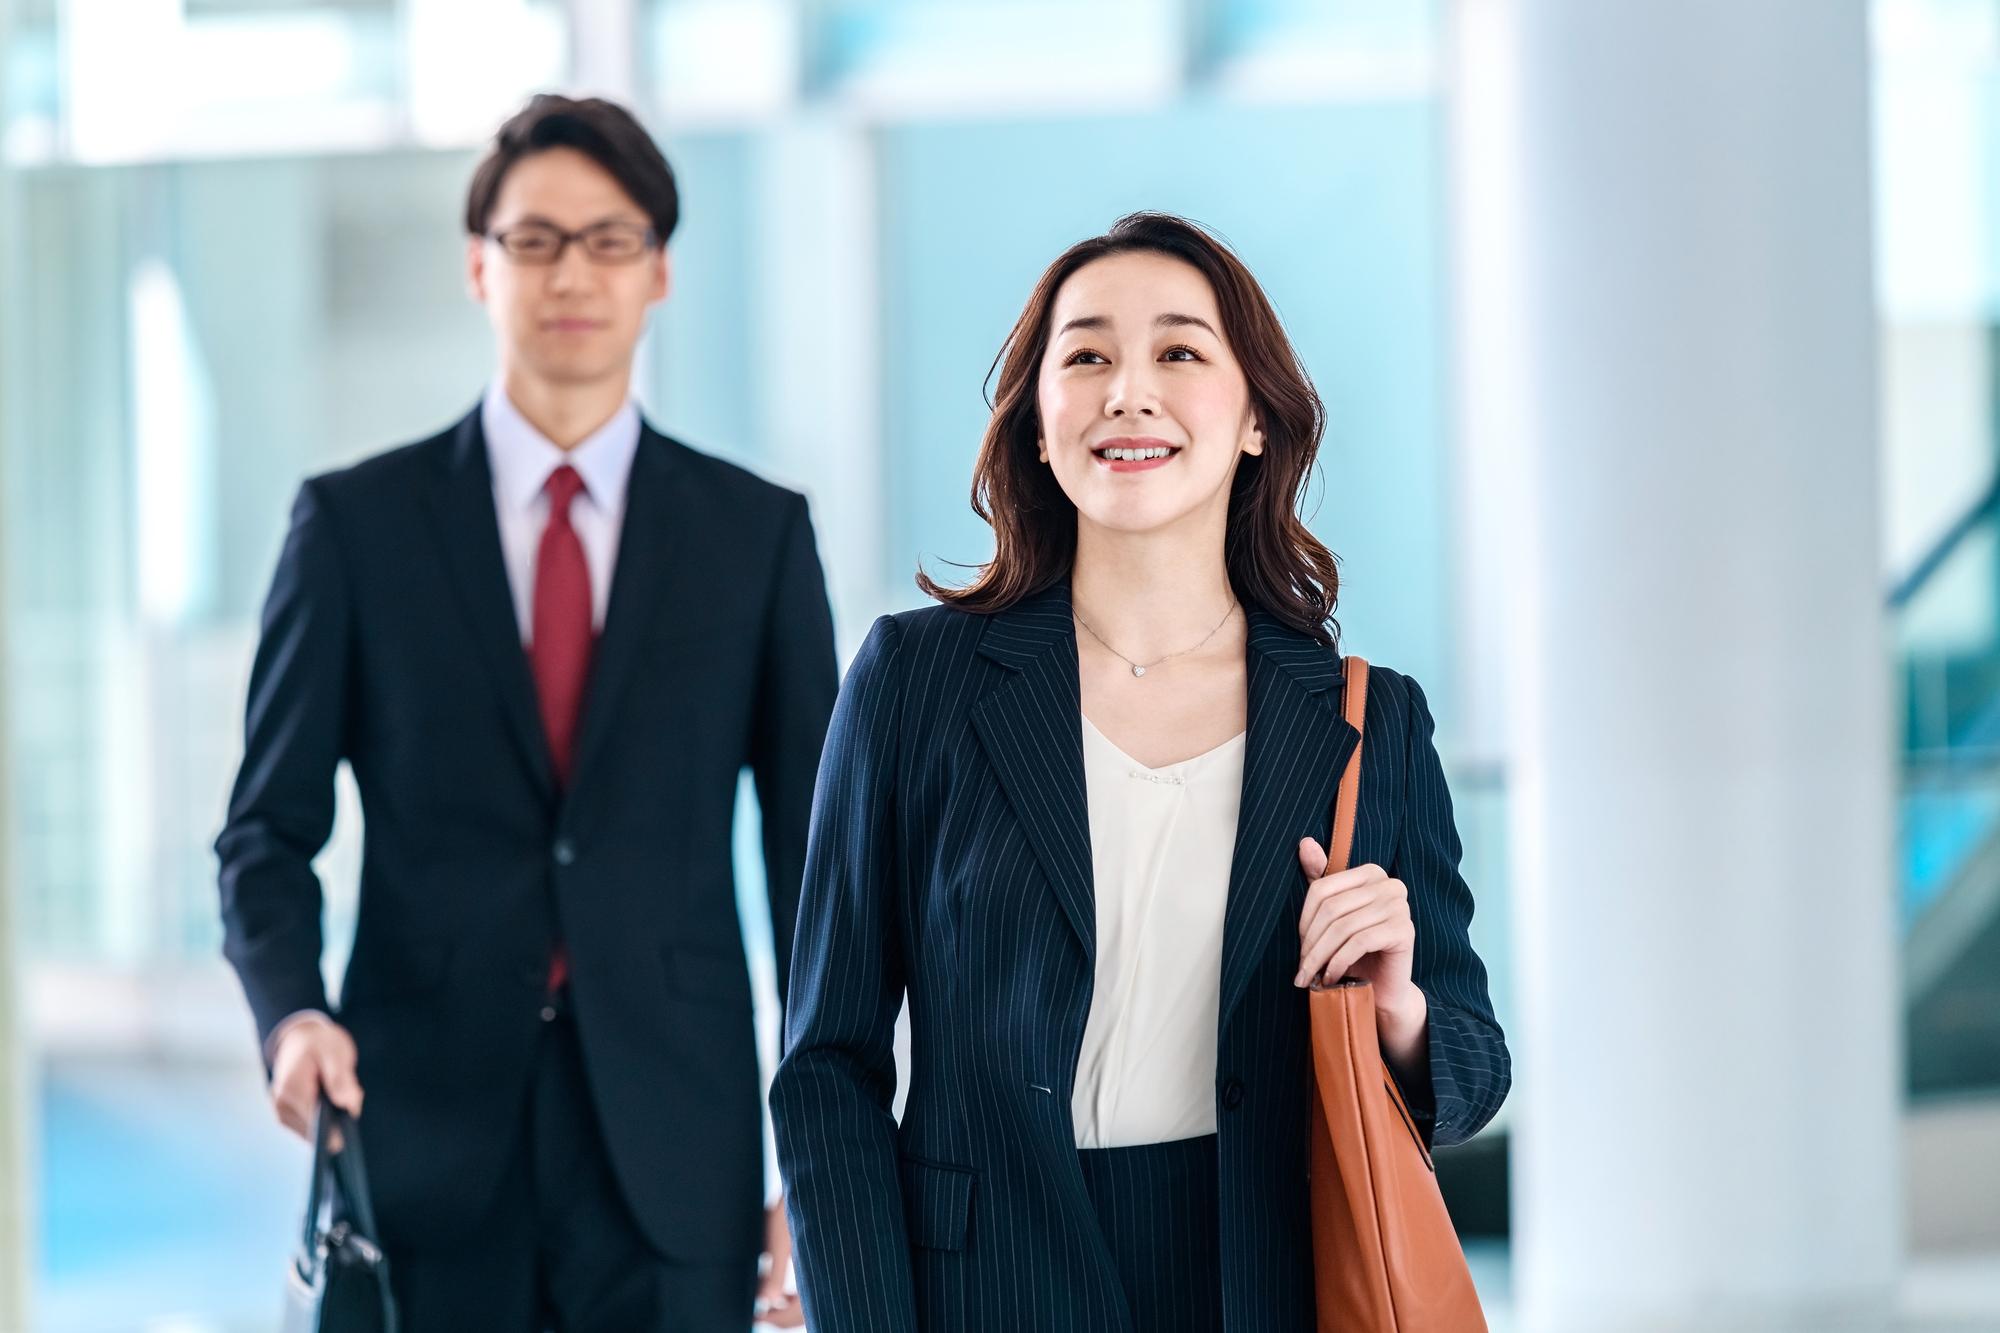 第二新卒や未経験でも営業職を目指すには ?仕事のやりがい、スキル、転職方法の本当のところのイメージ